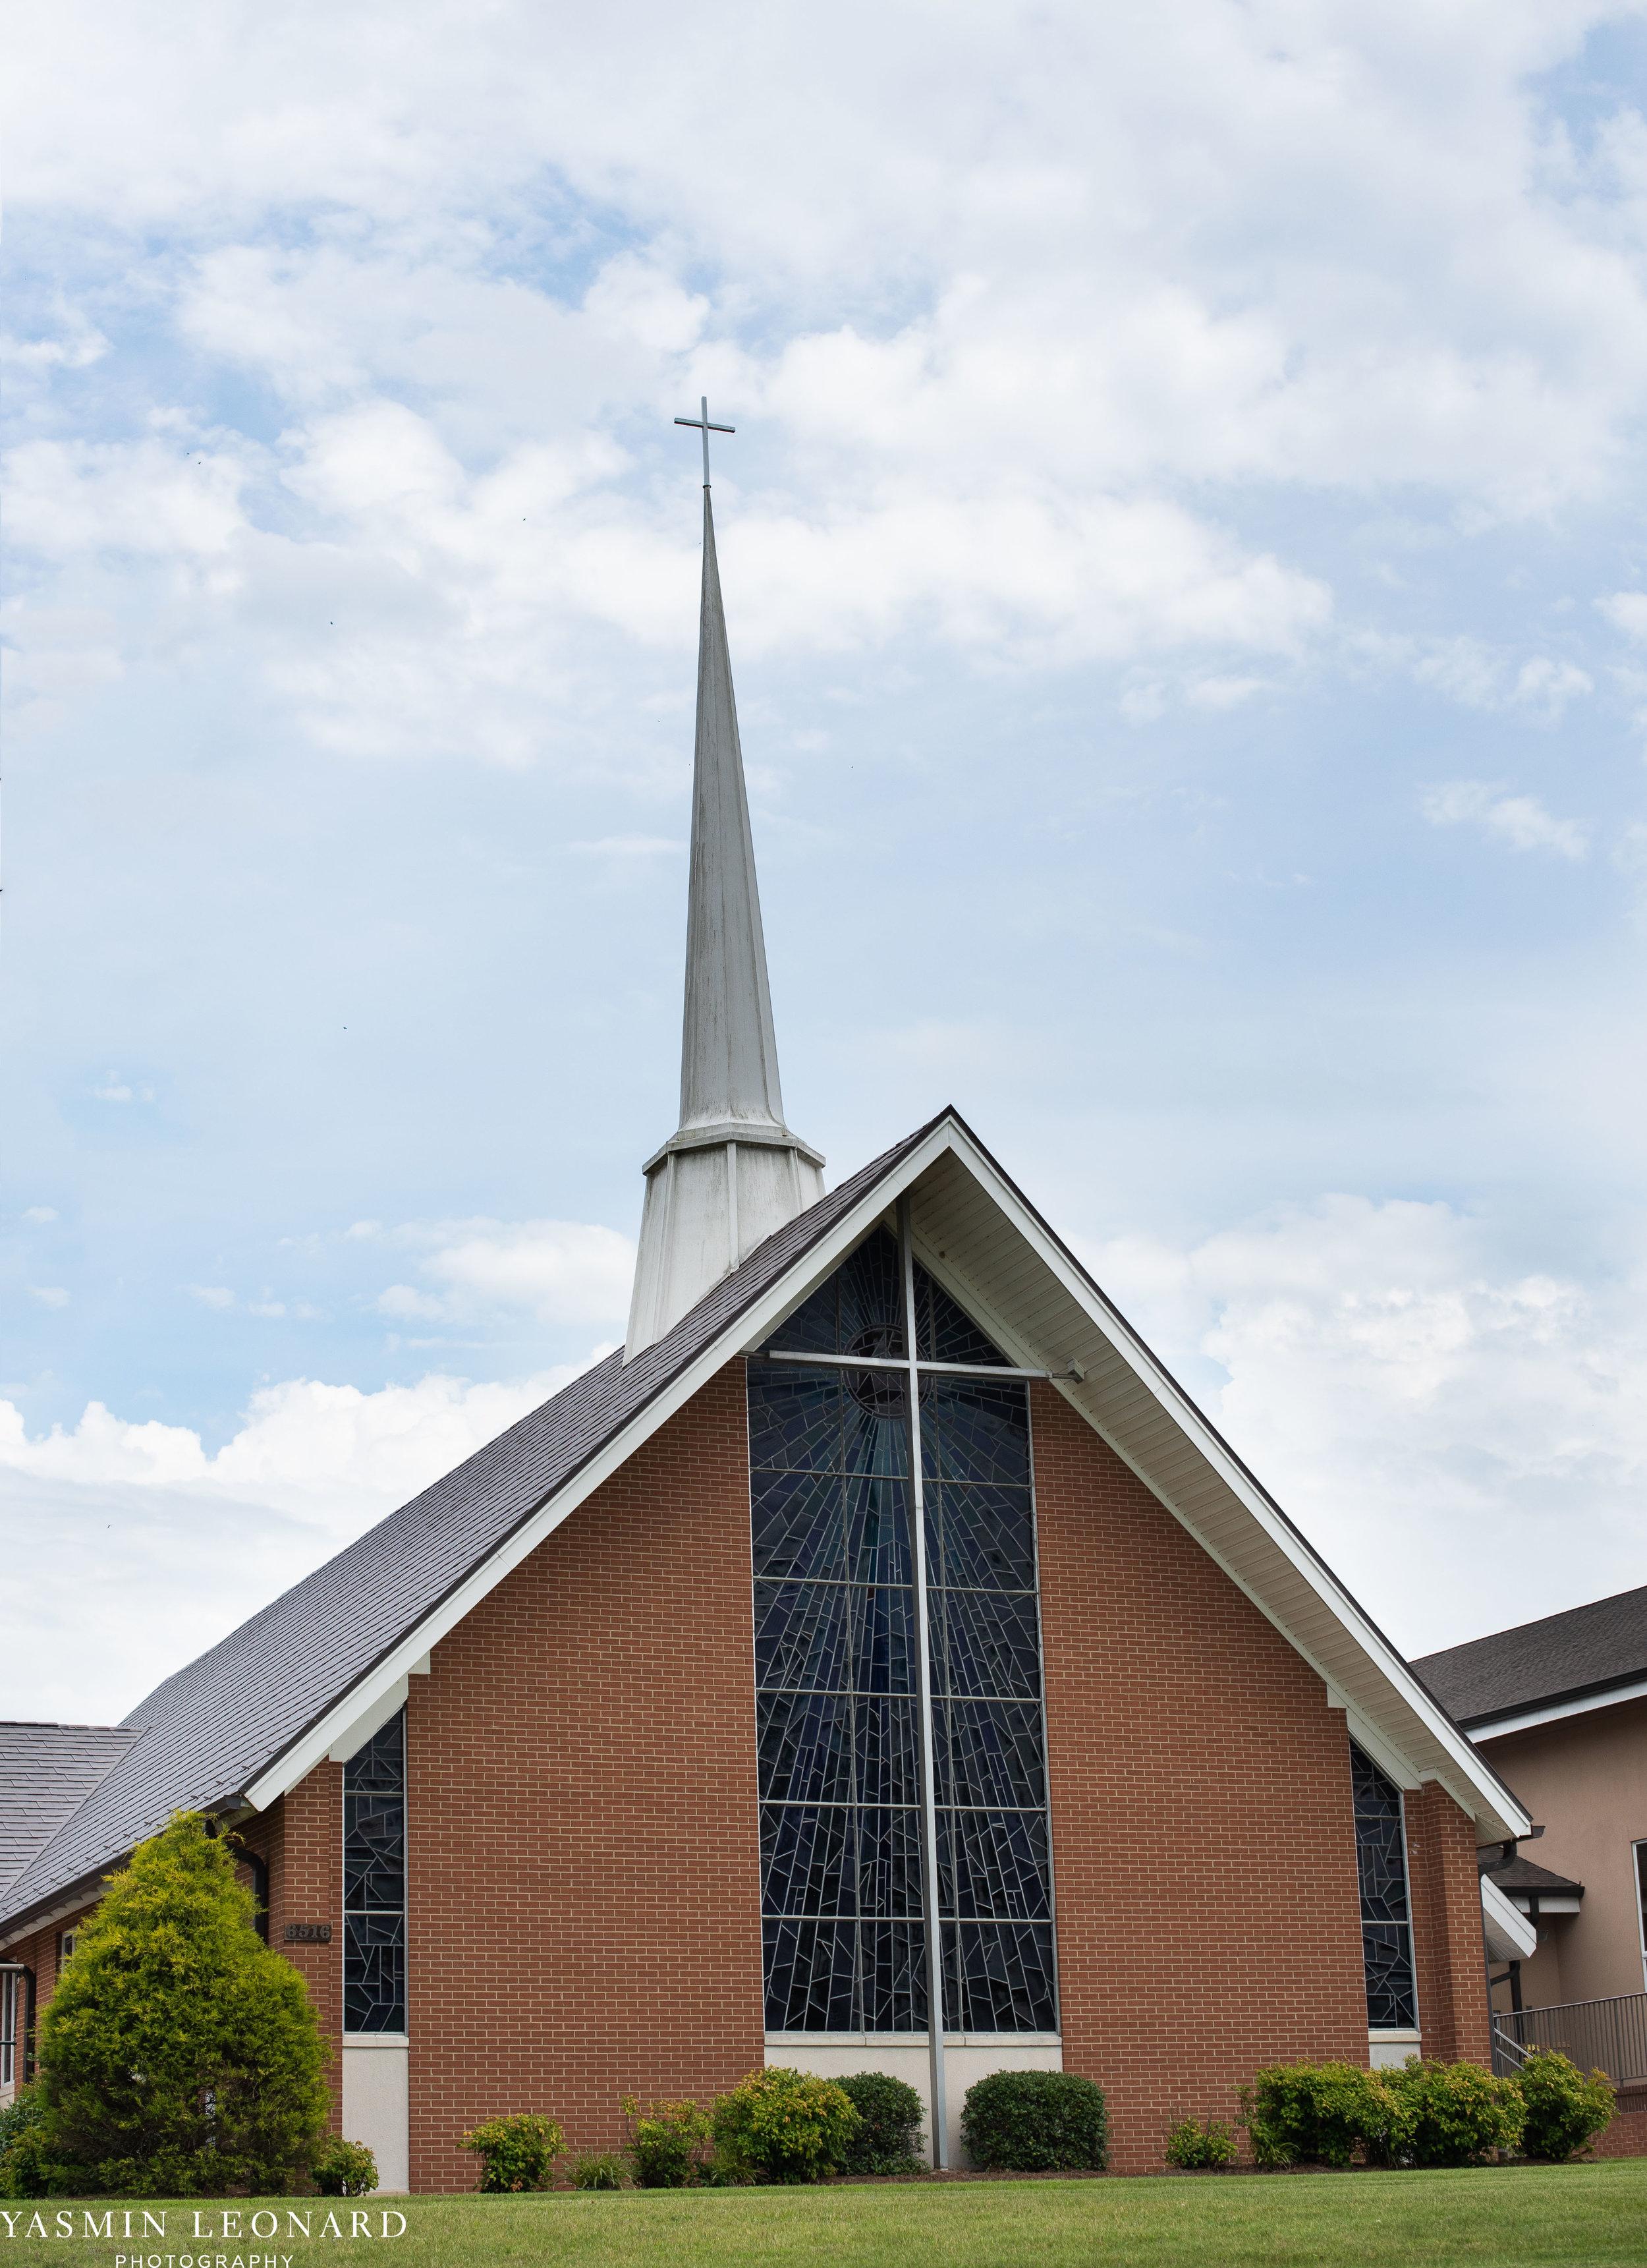 Mt. Pleasant Church - Church Wedding - Traditional Wedding - Church Ceremony - Country Wedding - Godly Wedding - NC Wedding Photographer - High Point Weddings - Triad Weddings - NC Venues-1.jpg